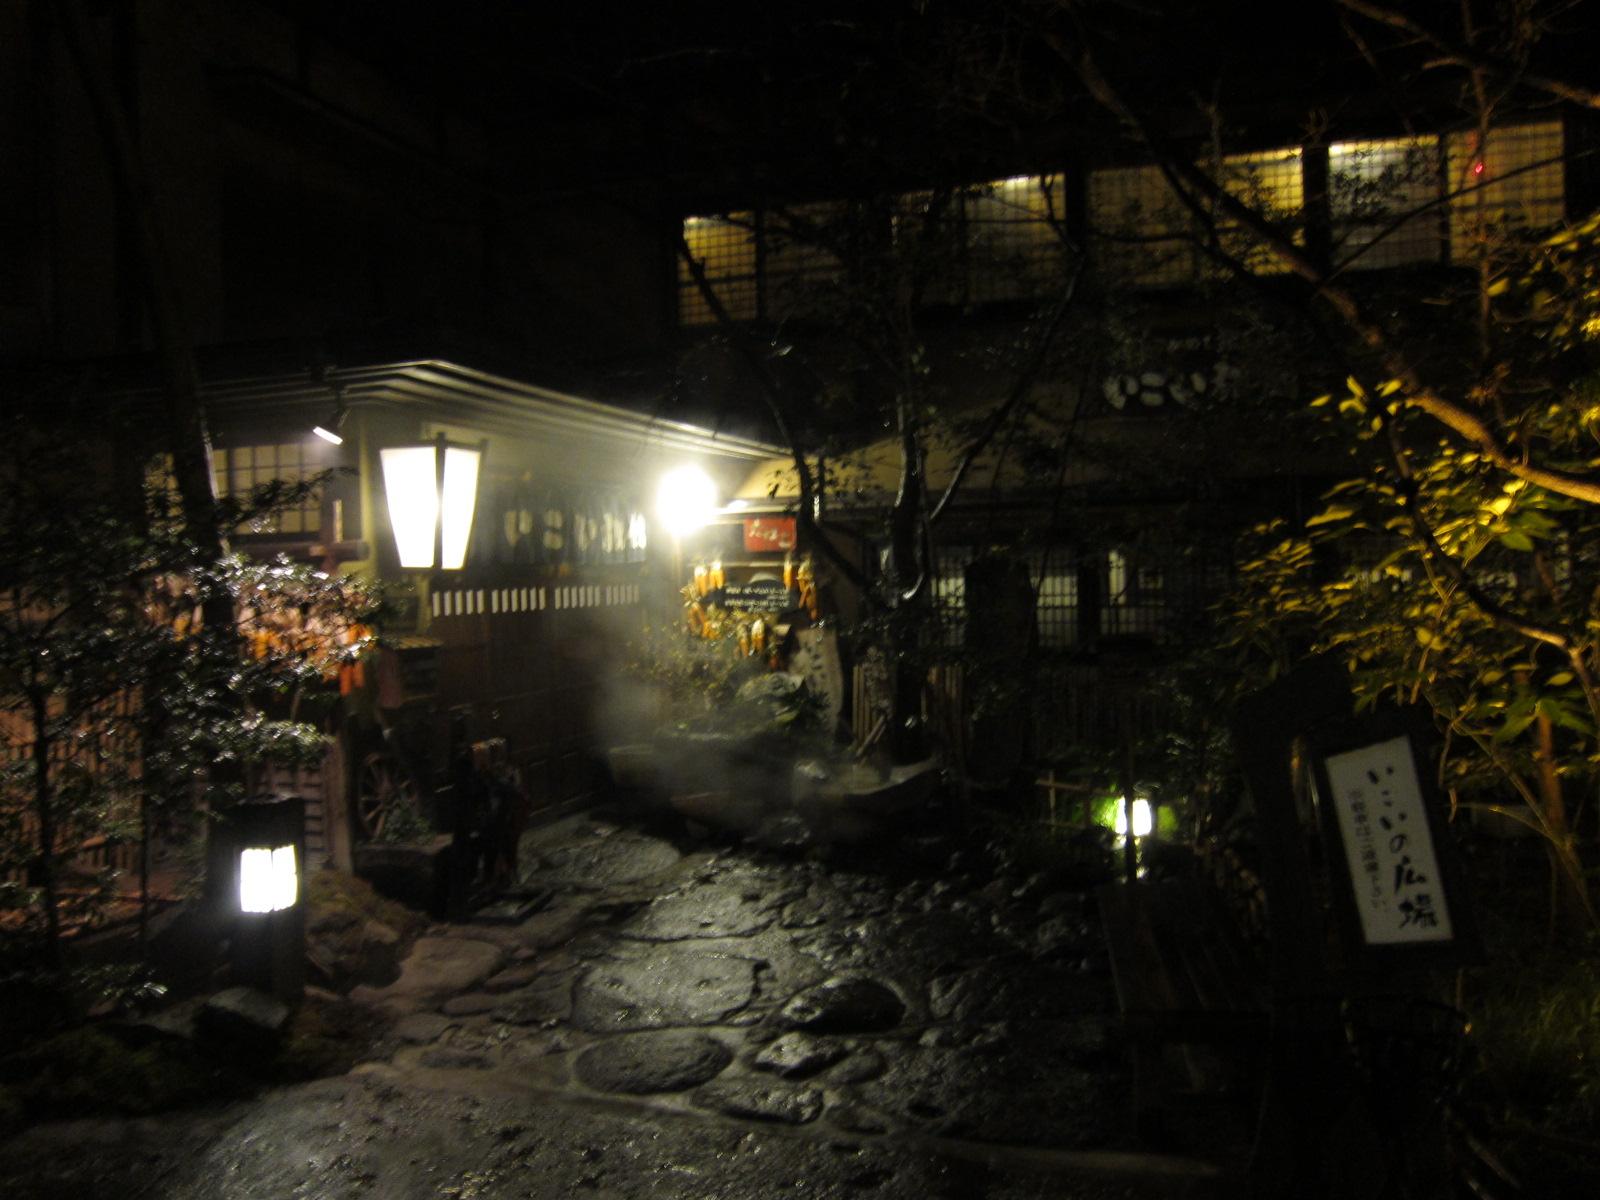 FileIkoi ryokan  Kurokawa Onsenjpg   Wikimedia Commons 1600x1200